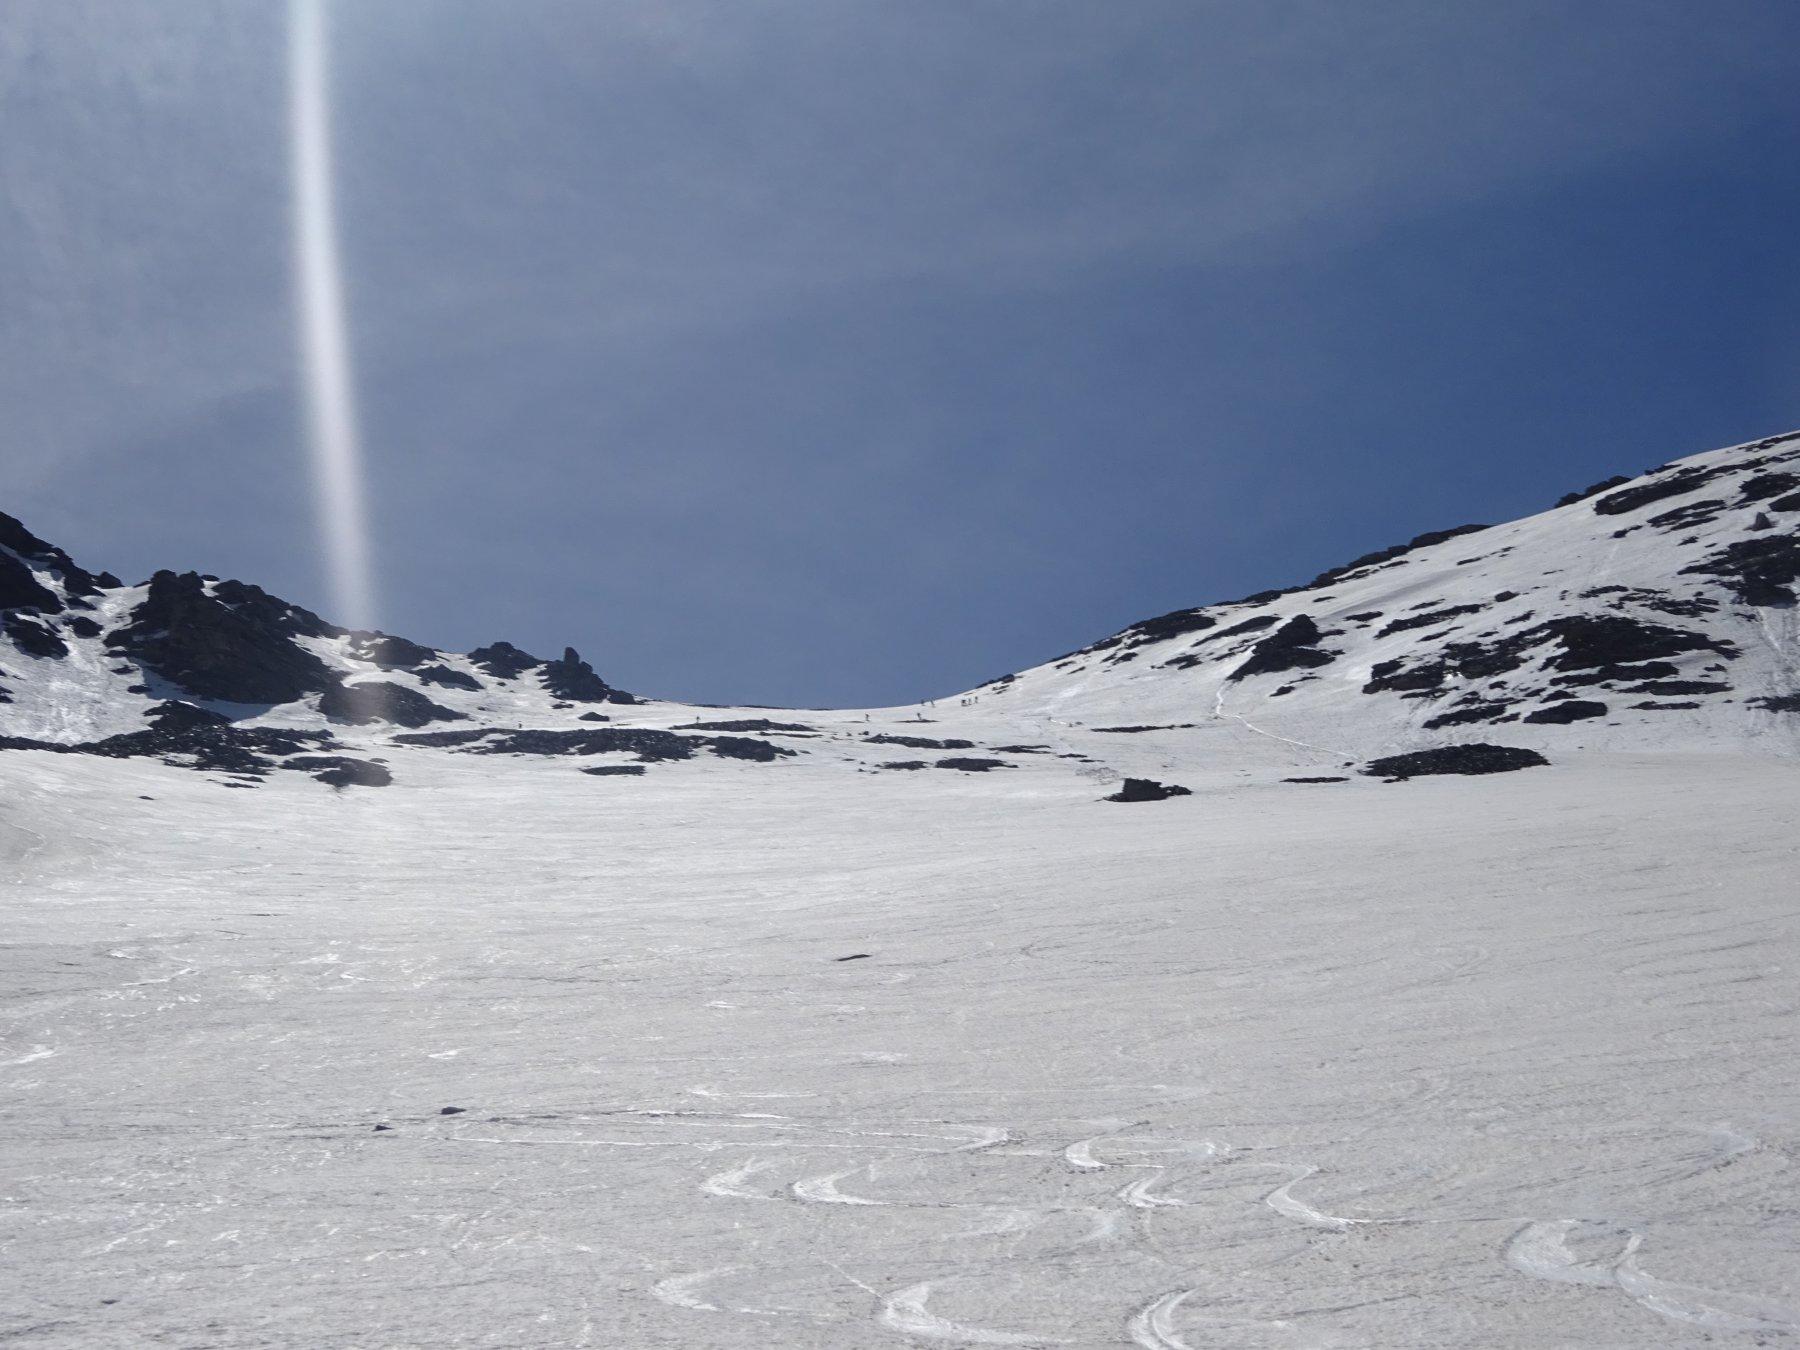 Discesa su neve marmorea